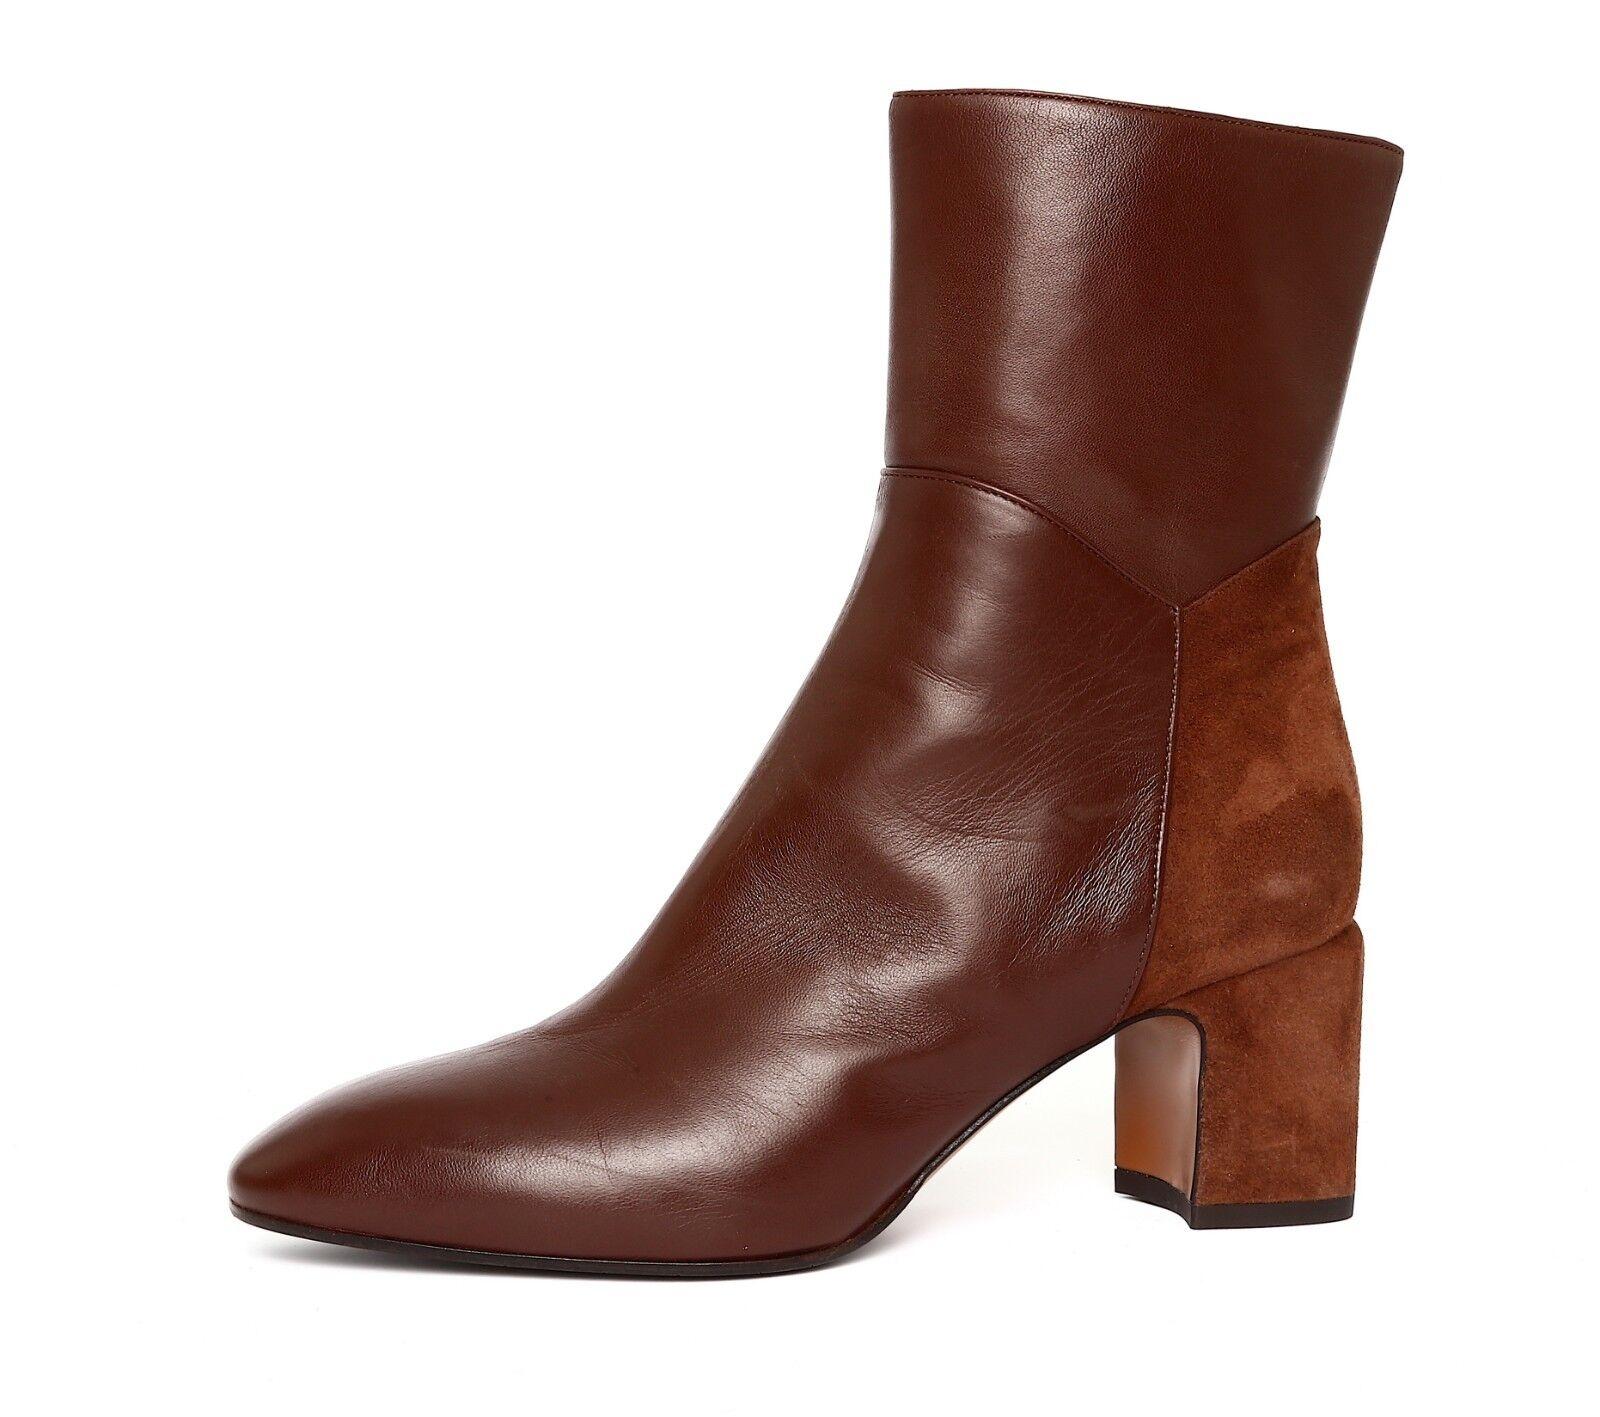 comprare sconti Aquatalia Donna  Marrone Leather Suede Suede Suede Side Zipper Ankle avvio Sz 10 4513   trova il tuo preferito qui